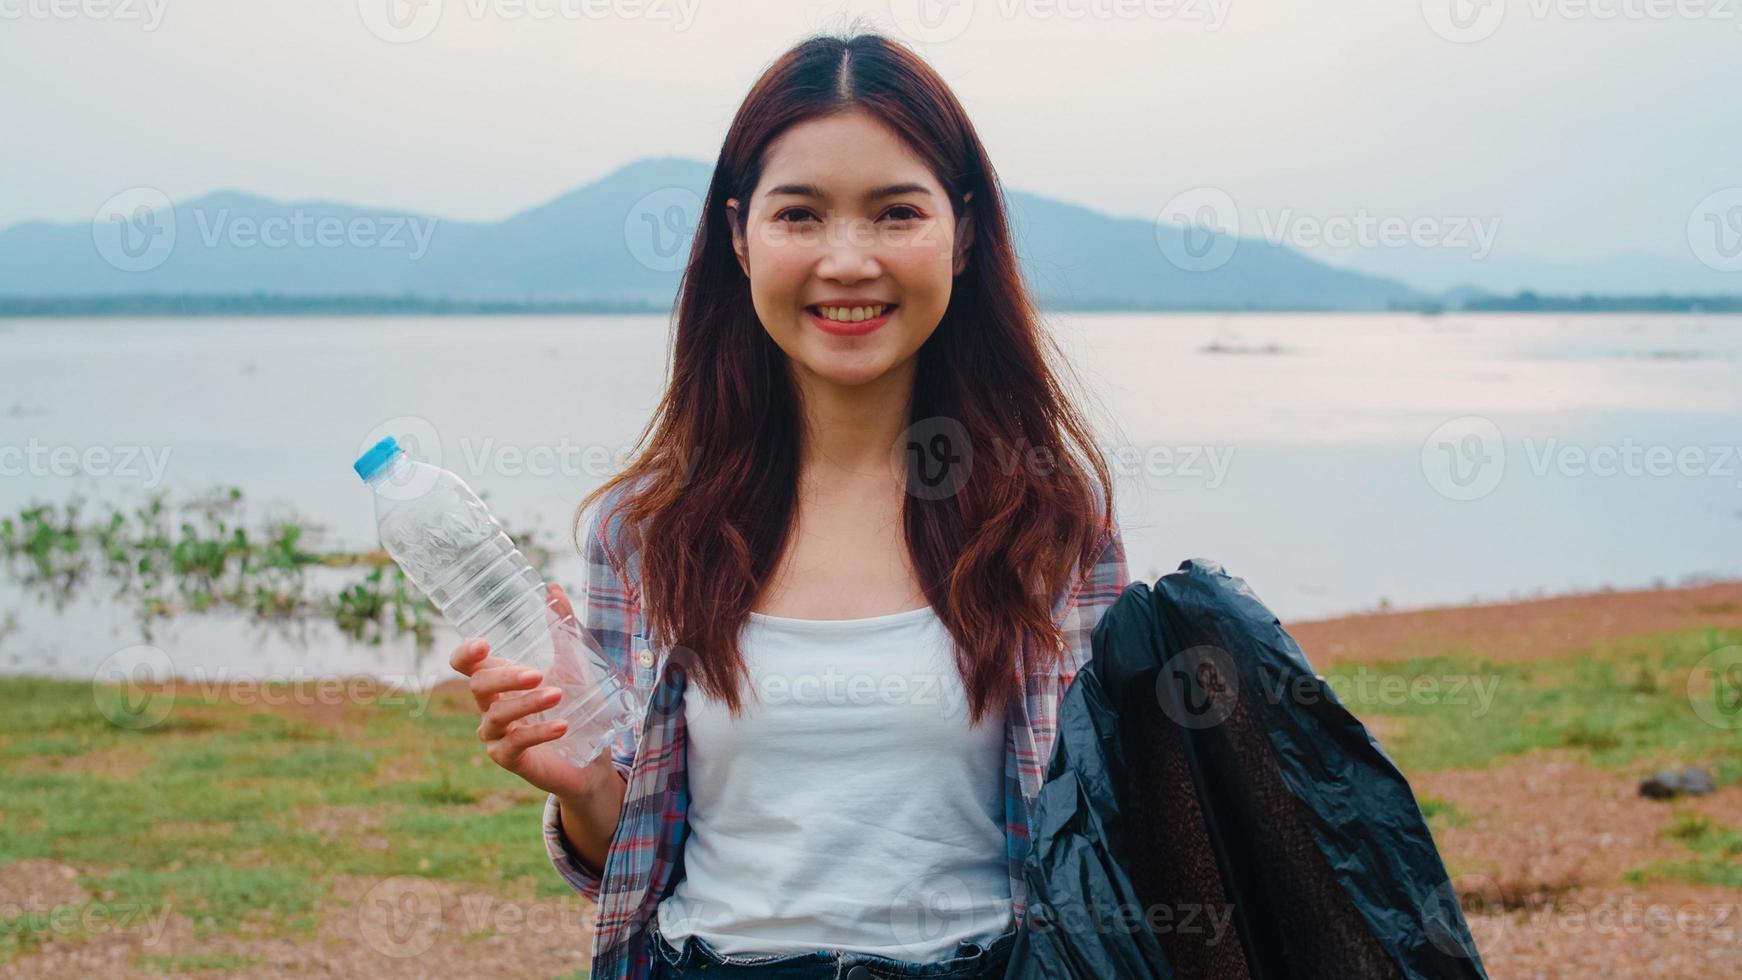 El retrato de una joven dama de Asia que los voluntarios ayudan a mantener la naturaleza limpia sosteniendo botellas de plástico y bolsas de basura negras en la playa. concepto sobre los problemas de contaminación de la conservación del medio ambiente. foto